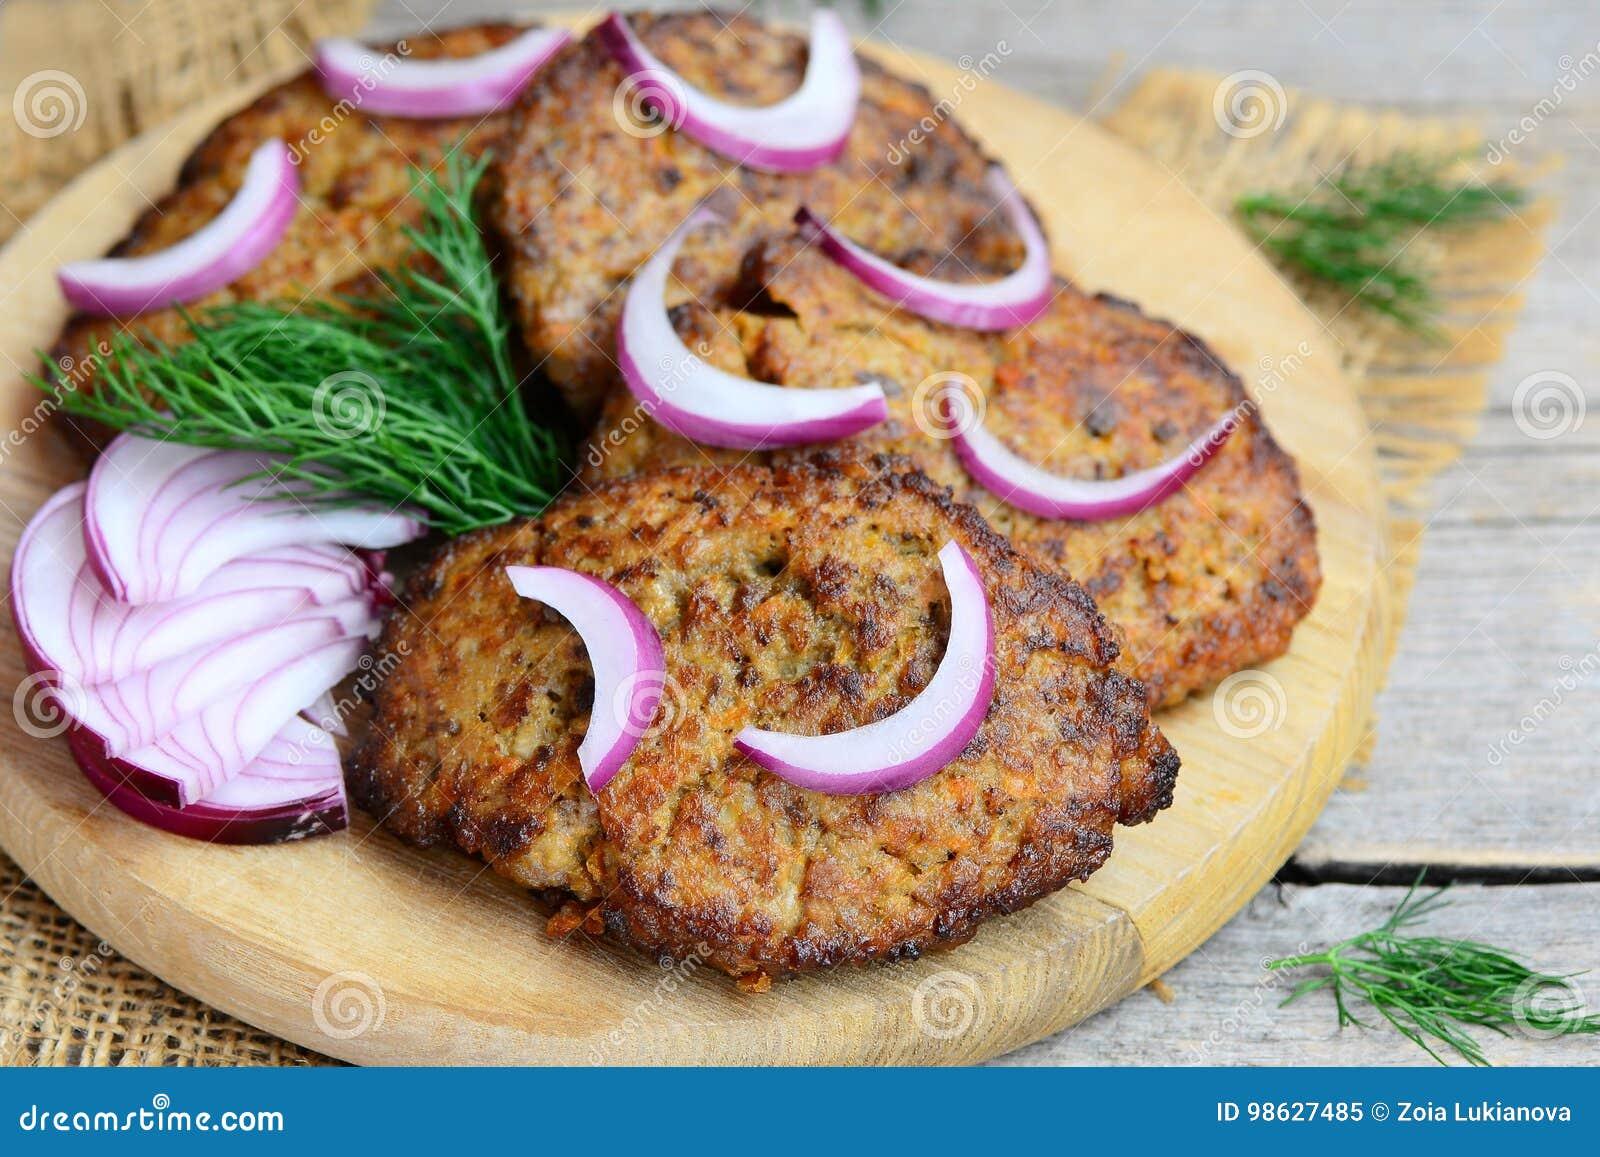 Tortini del fegato di pollo con la carota e la cipolla Tortini casalinghi del fegato di pollo fritto su un tagliere di legno